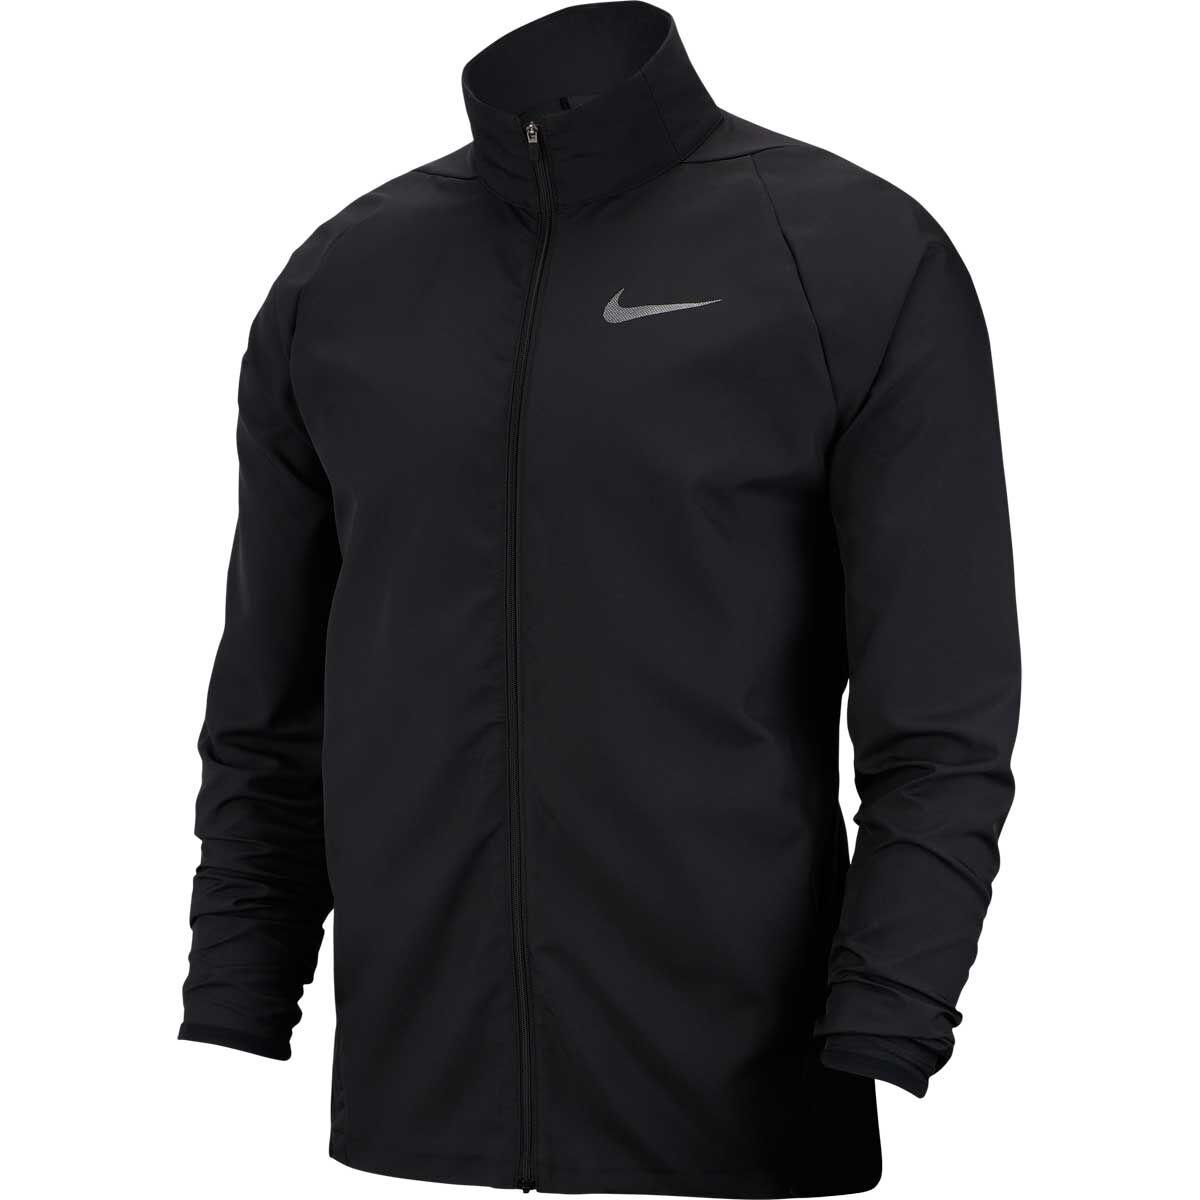 Aston villa nike training topjacket | #463053775